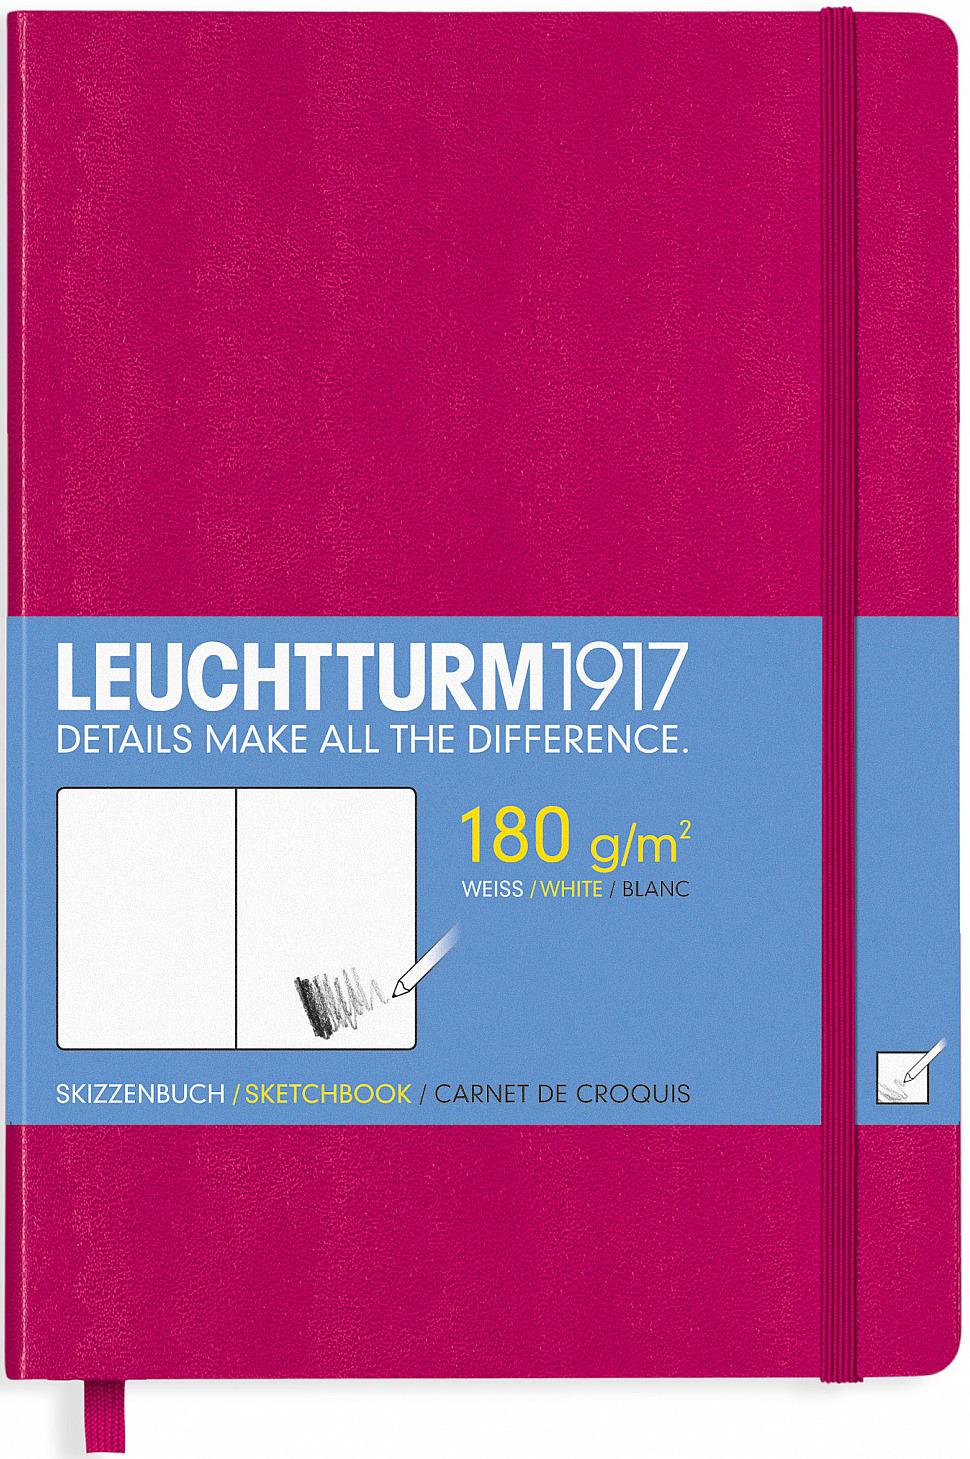 Скетчбук Leuchtturm1917, 344996, фуксия, A5 (148 x 210 мм), без разметки, 48 листов